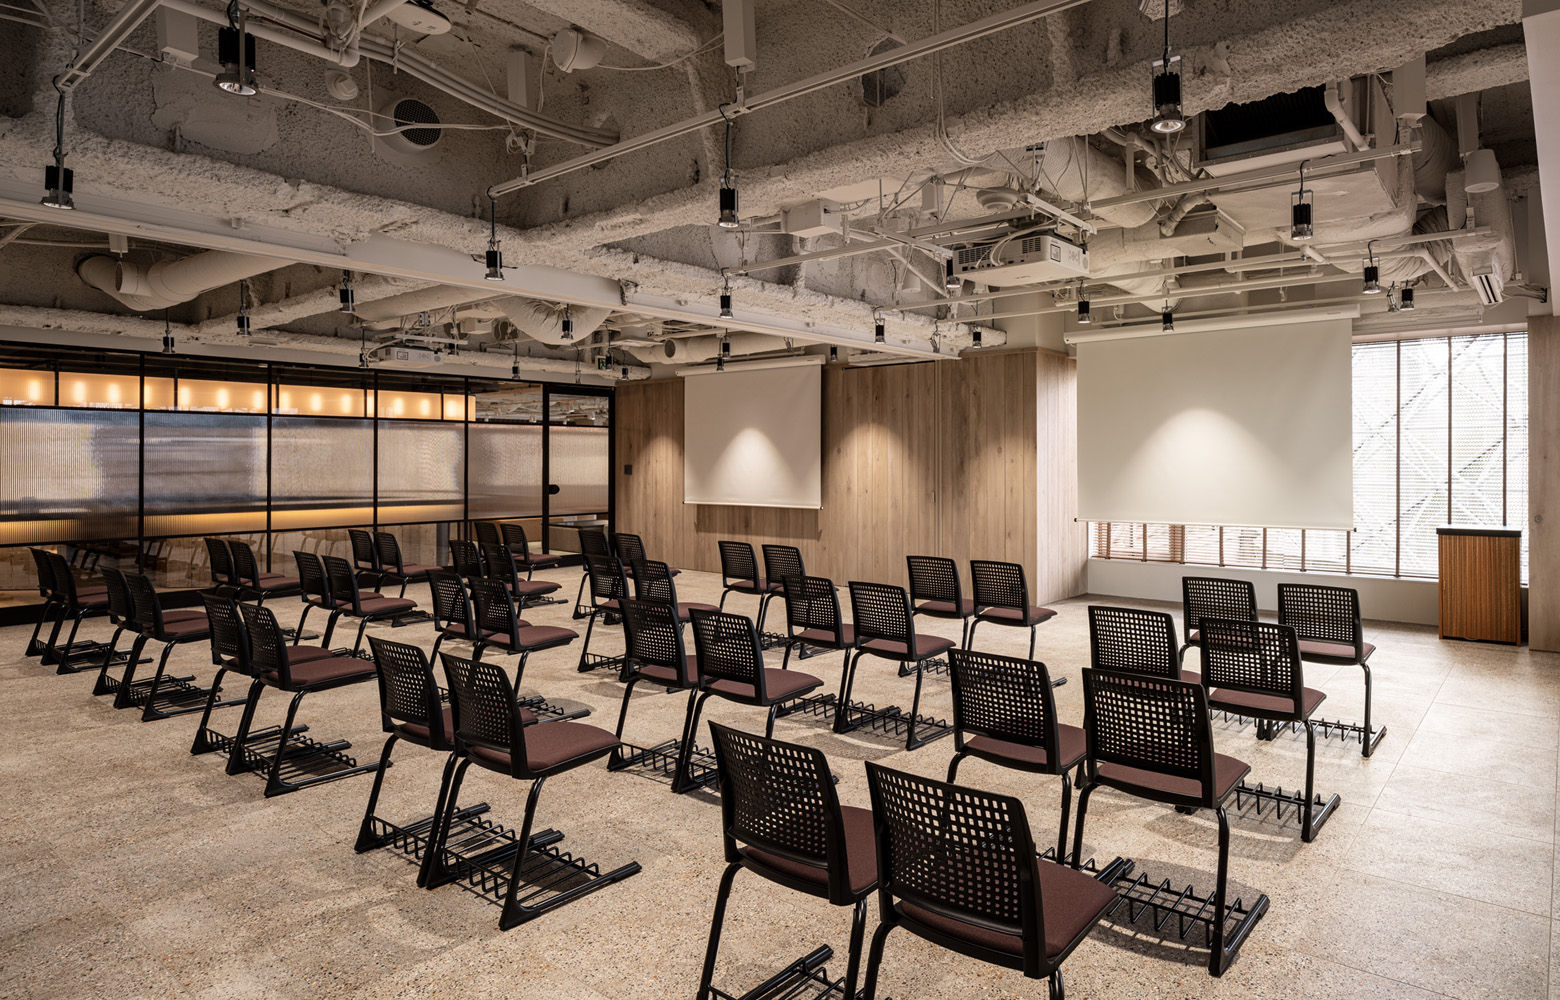 株式会社アトラエ vol.3 Seminar Room デザイン・レイアウト事例